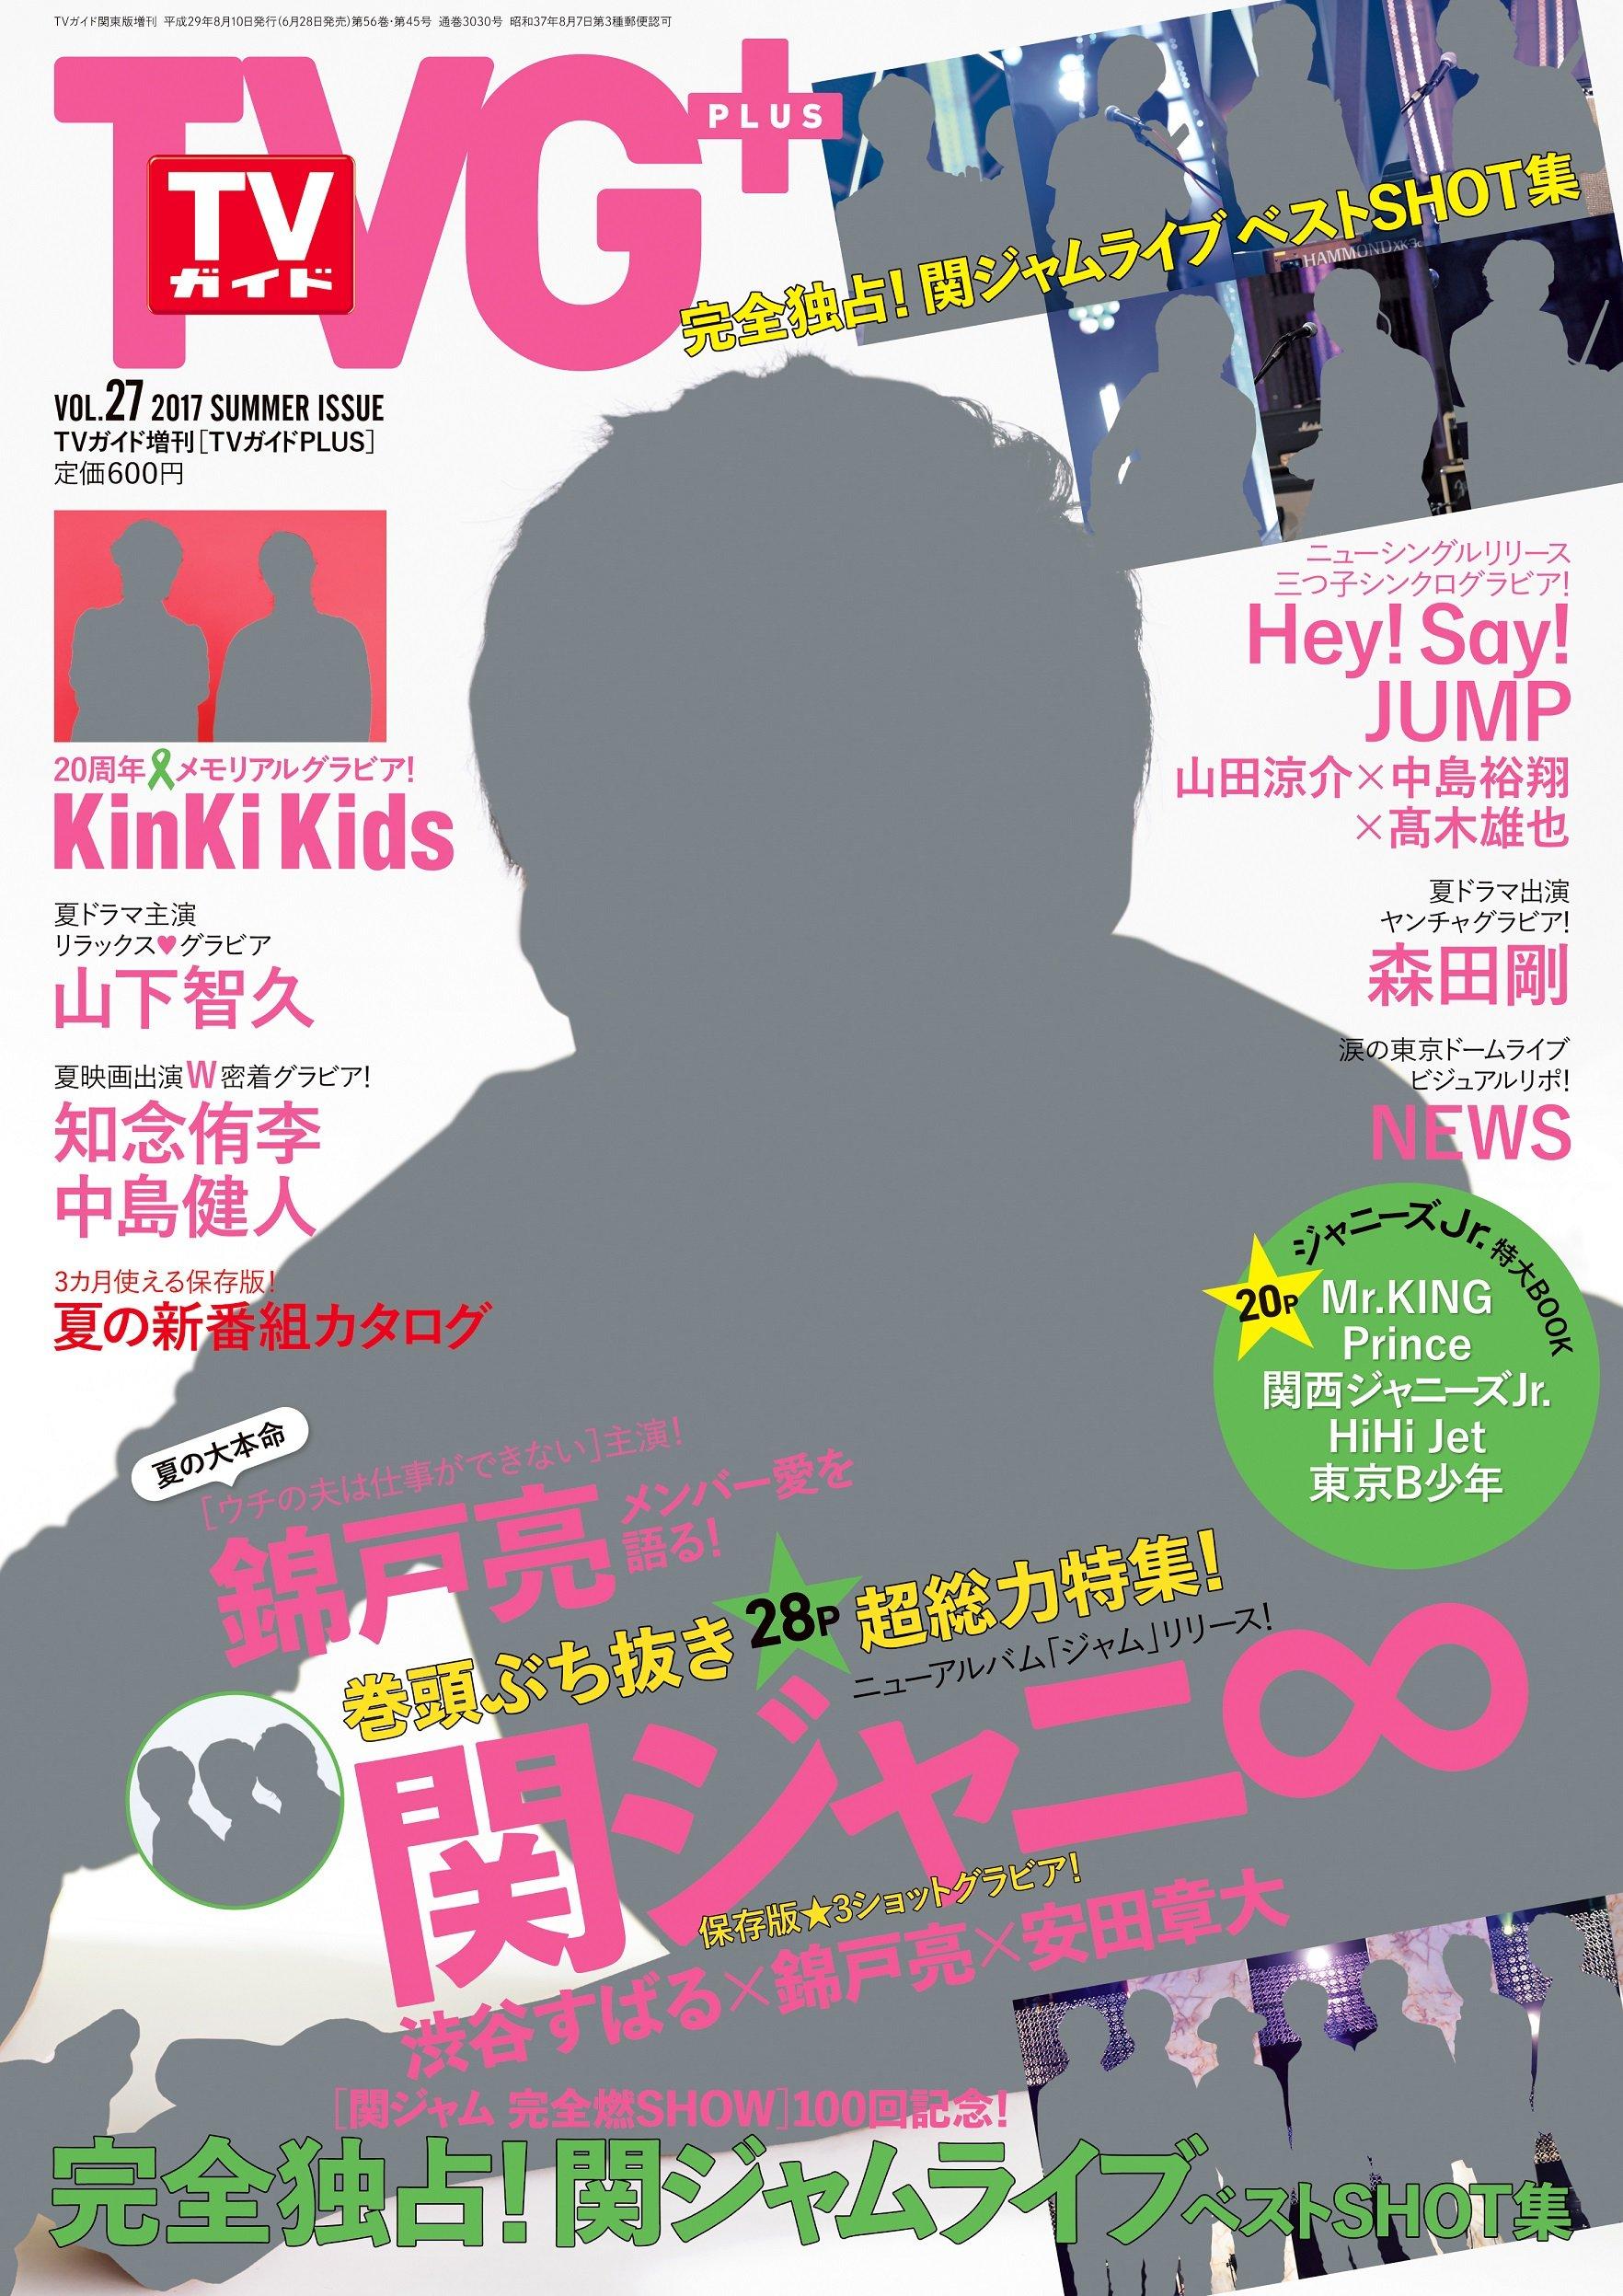 [表紙:錦戸亮]TVガイド関東版増刊 2017年8月号 TVガイドPLUS vol.27